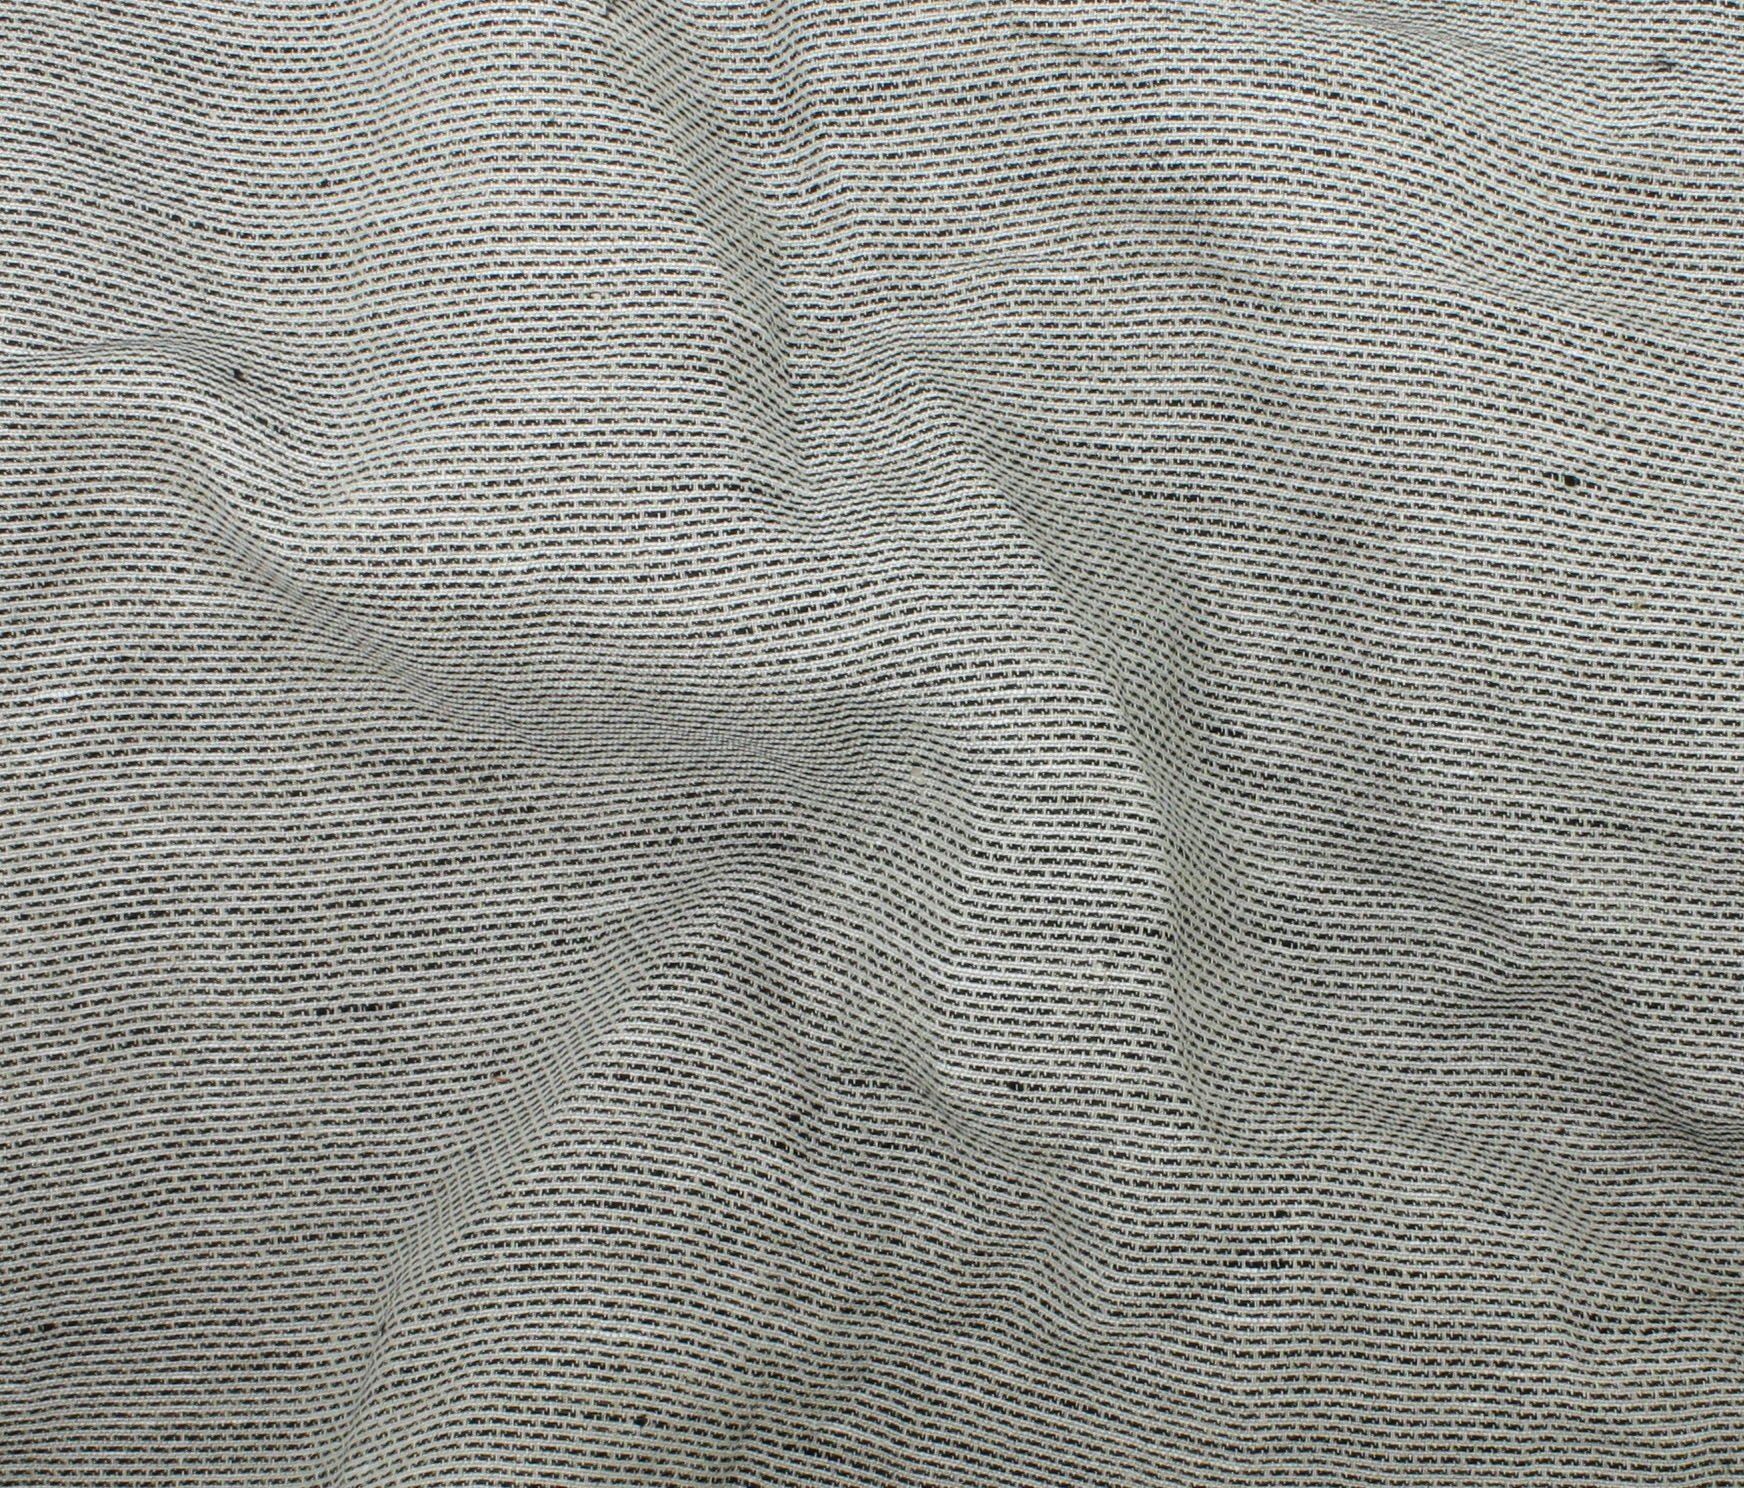 Bari Linen - Black